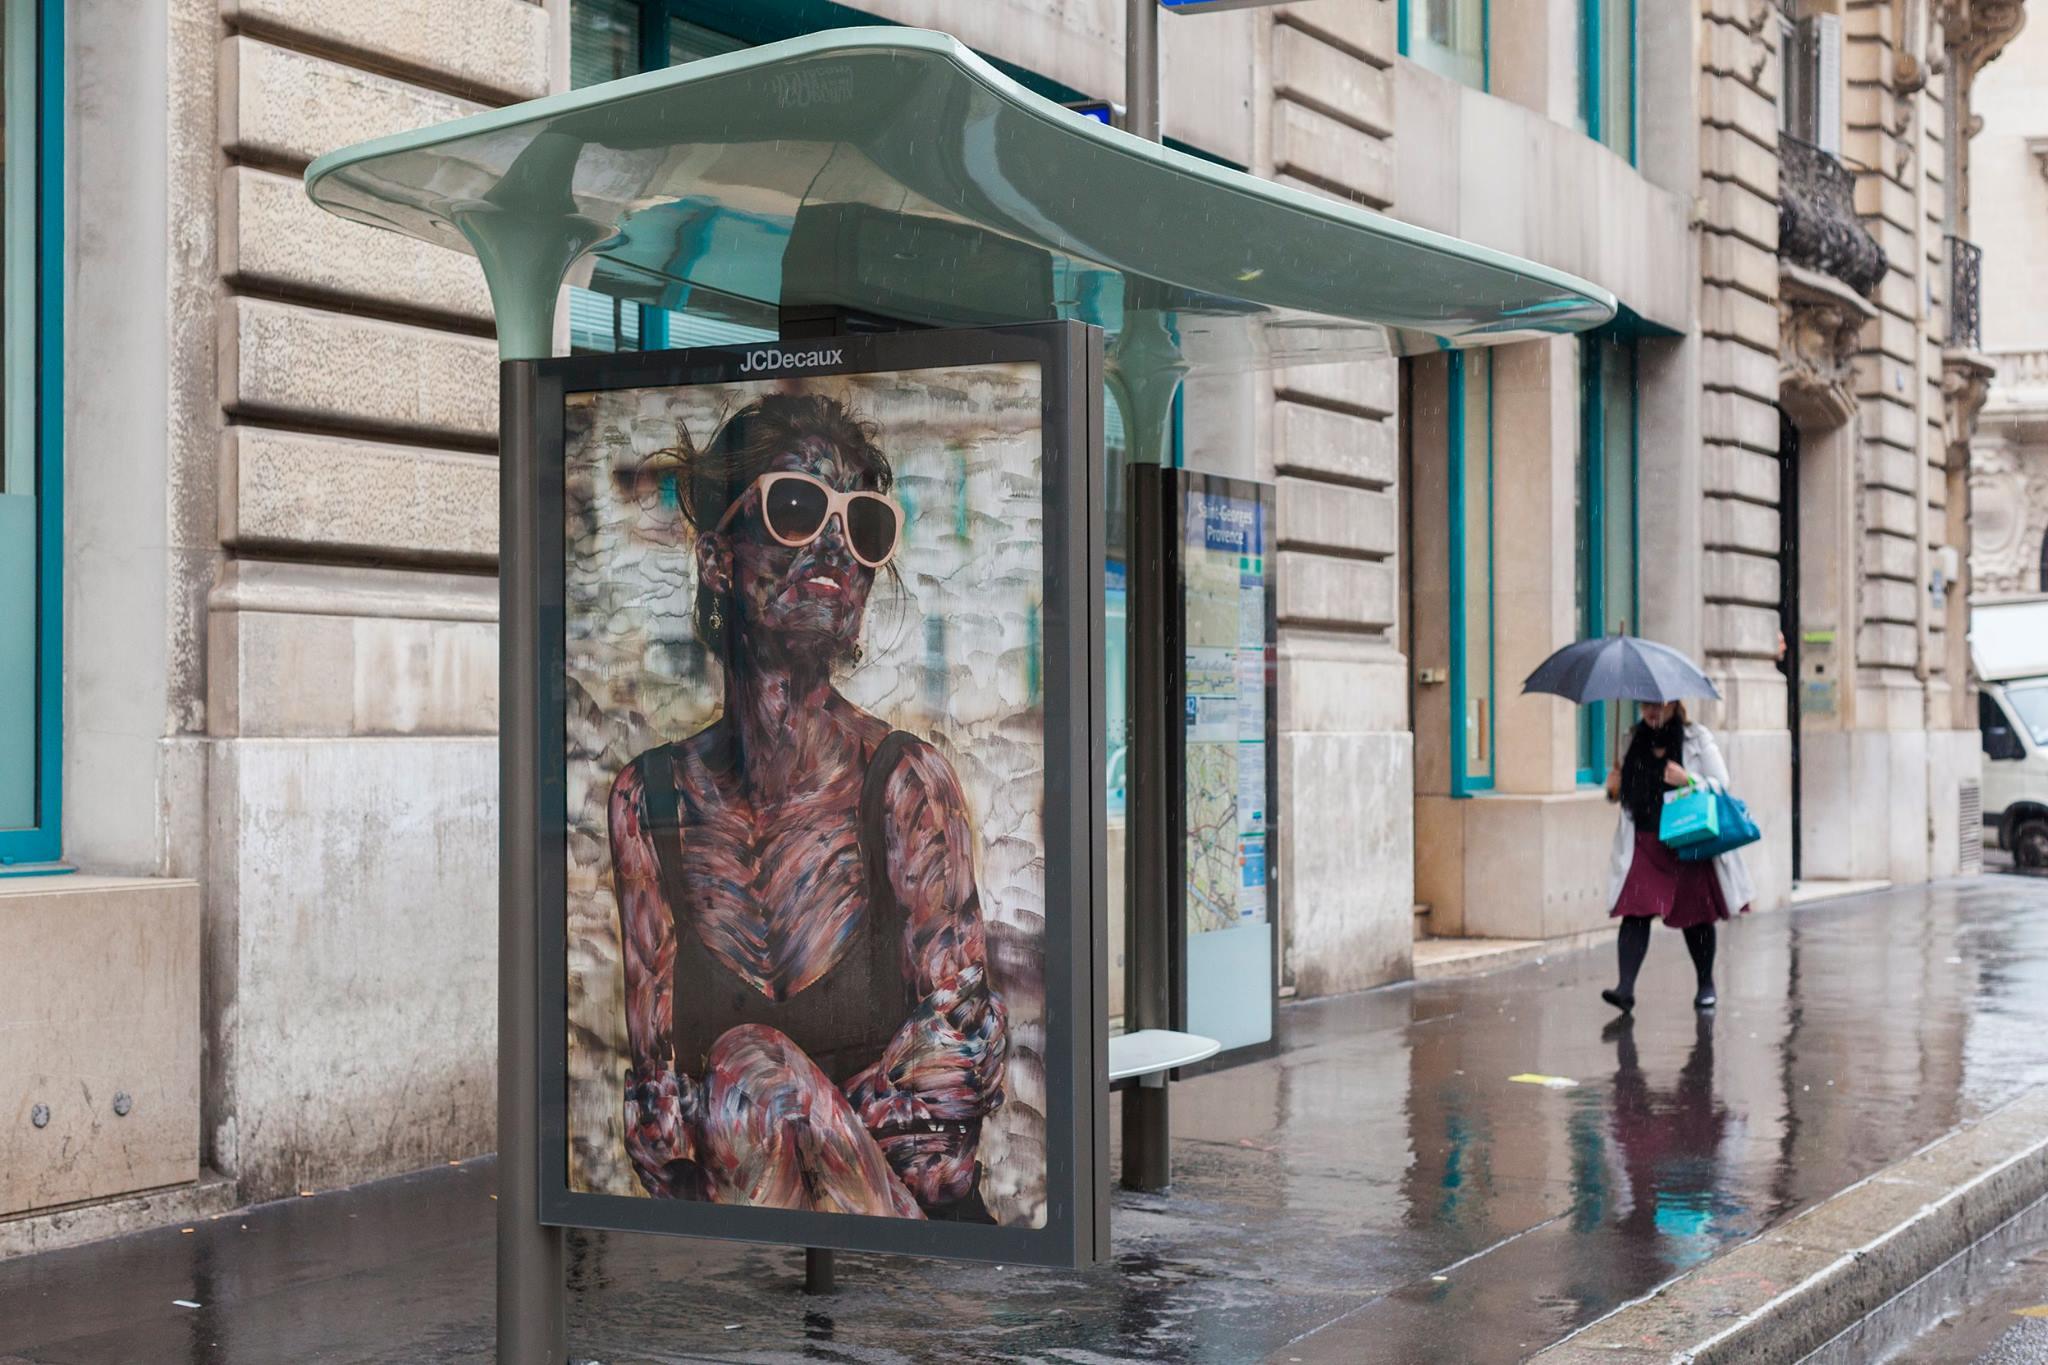 vermibus-arte-de-rua-publicidade-intervenção-vandalismo-dionisio-arte-3